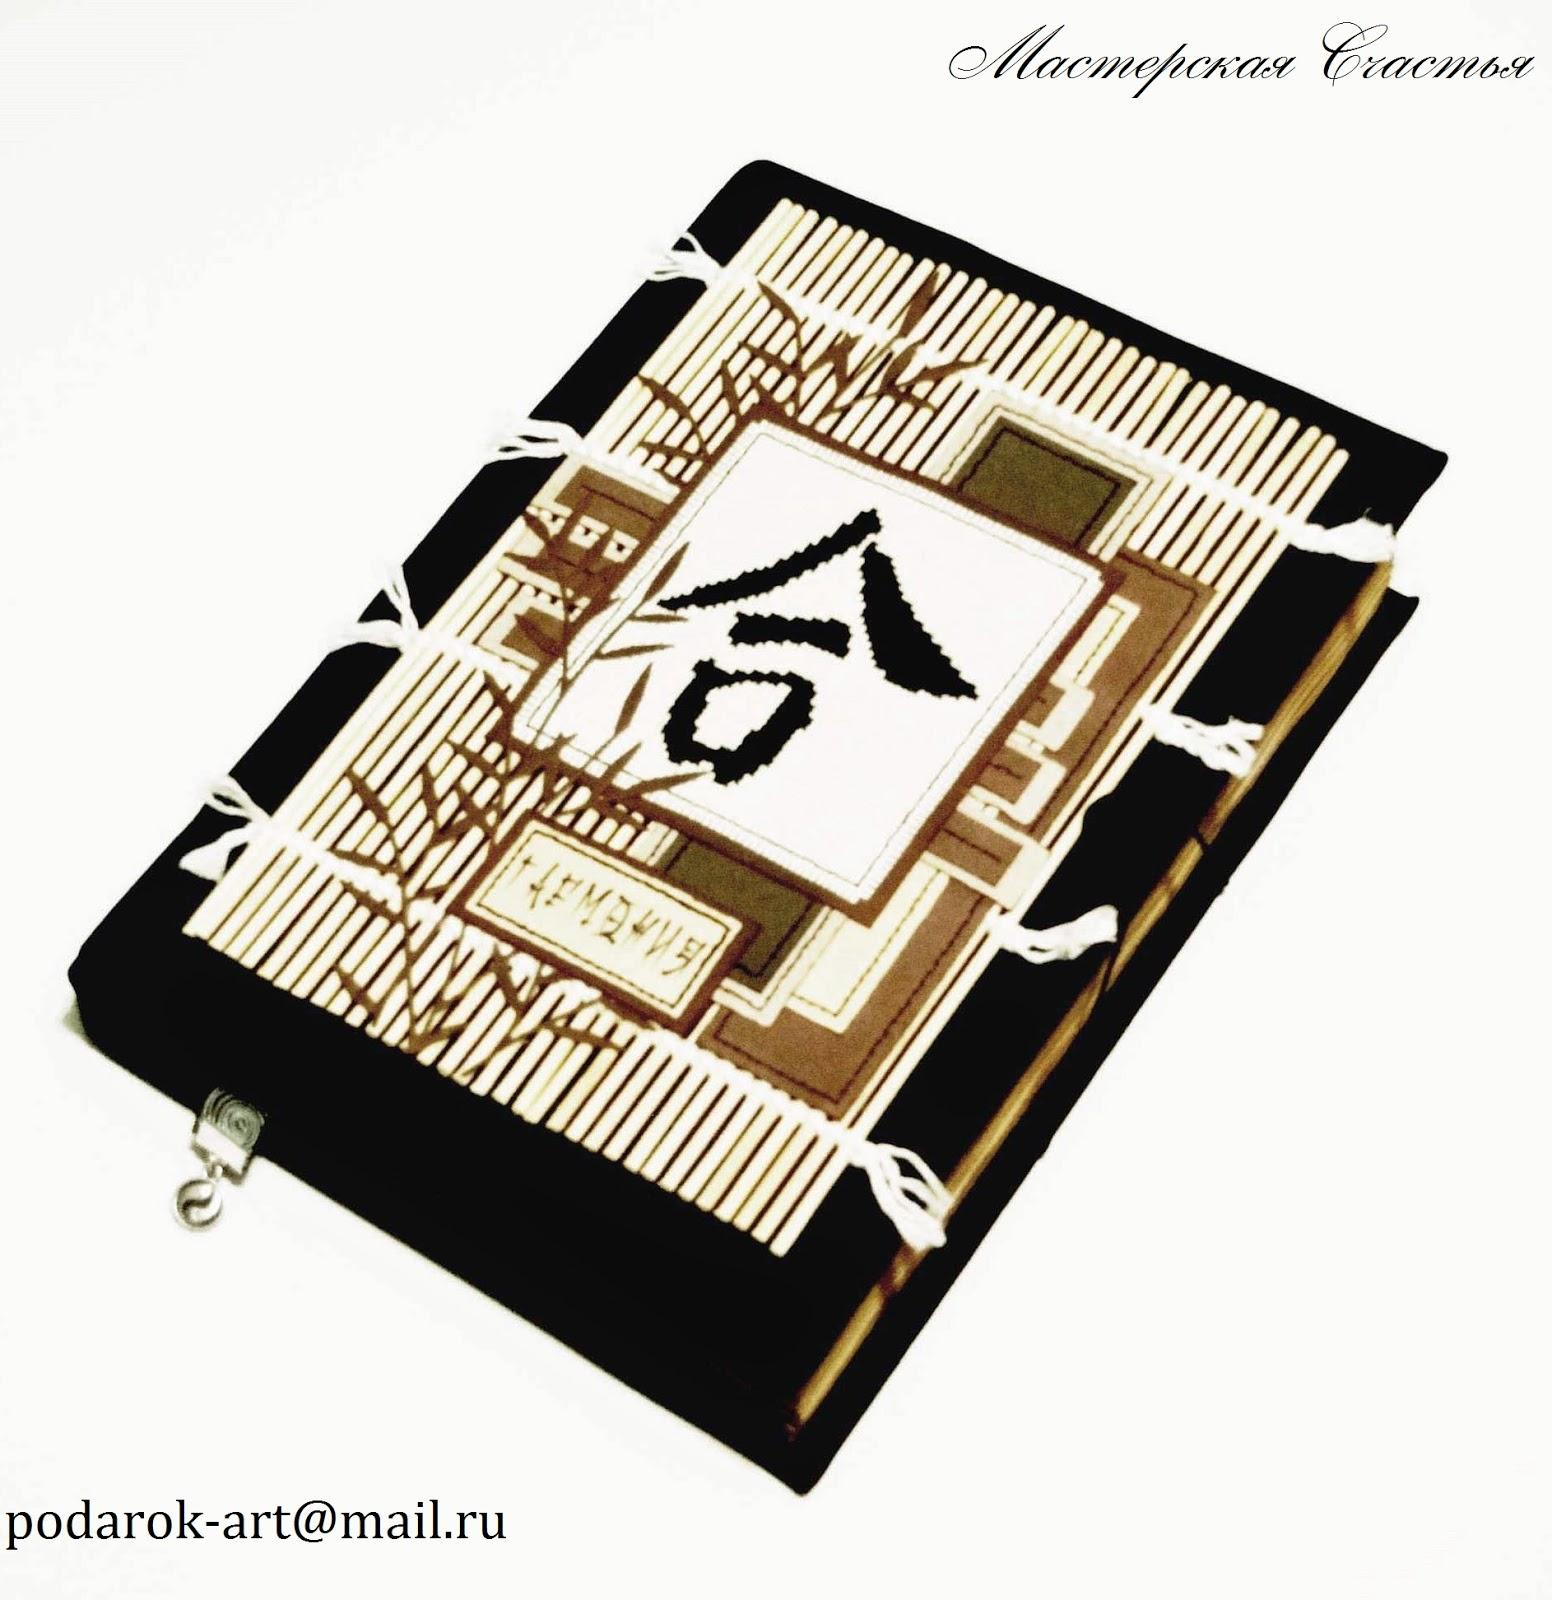 http://masterskay-schastya.blogspot.com/2014/11/blog-post_16.html